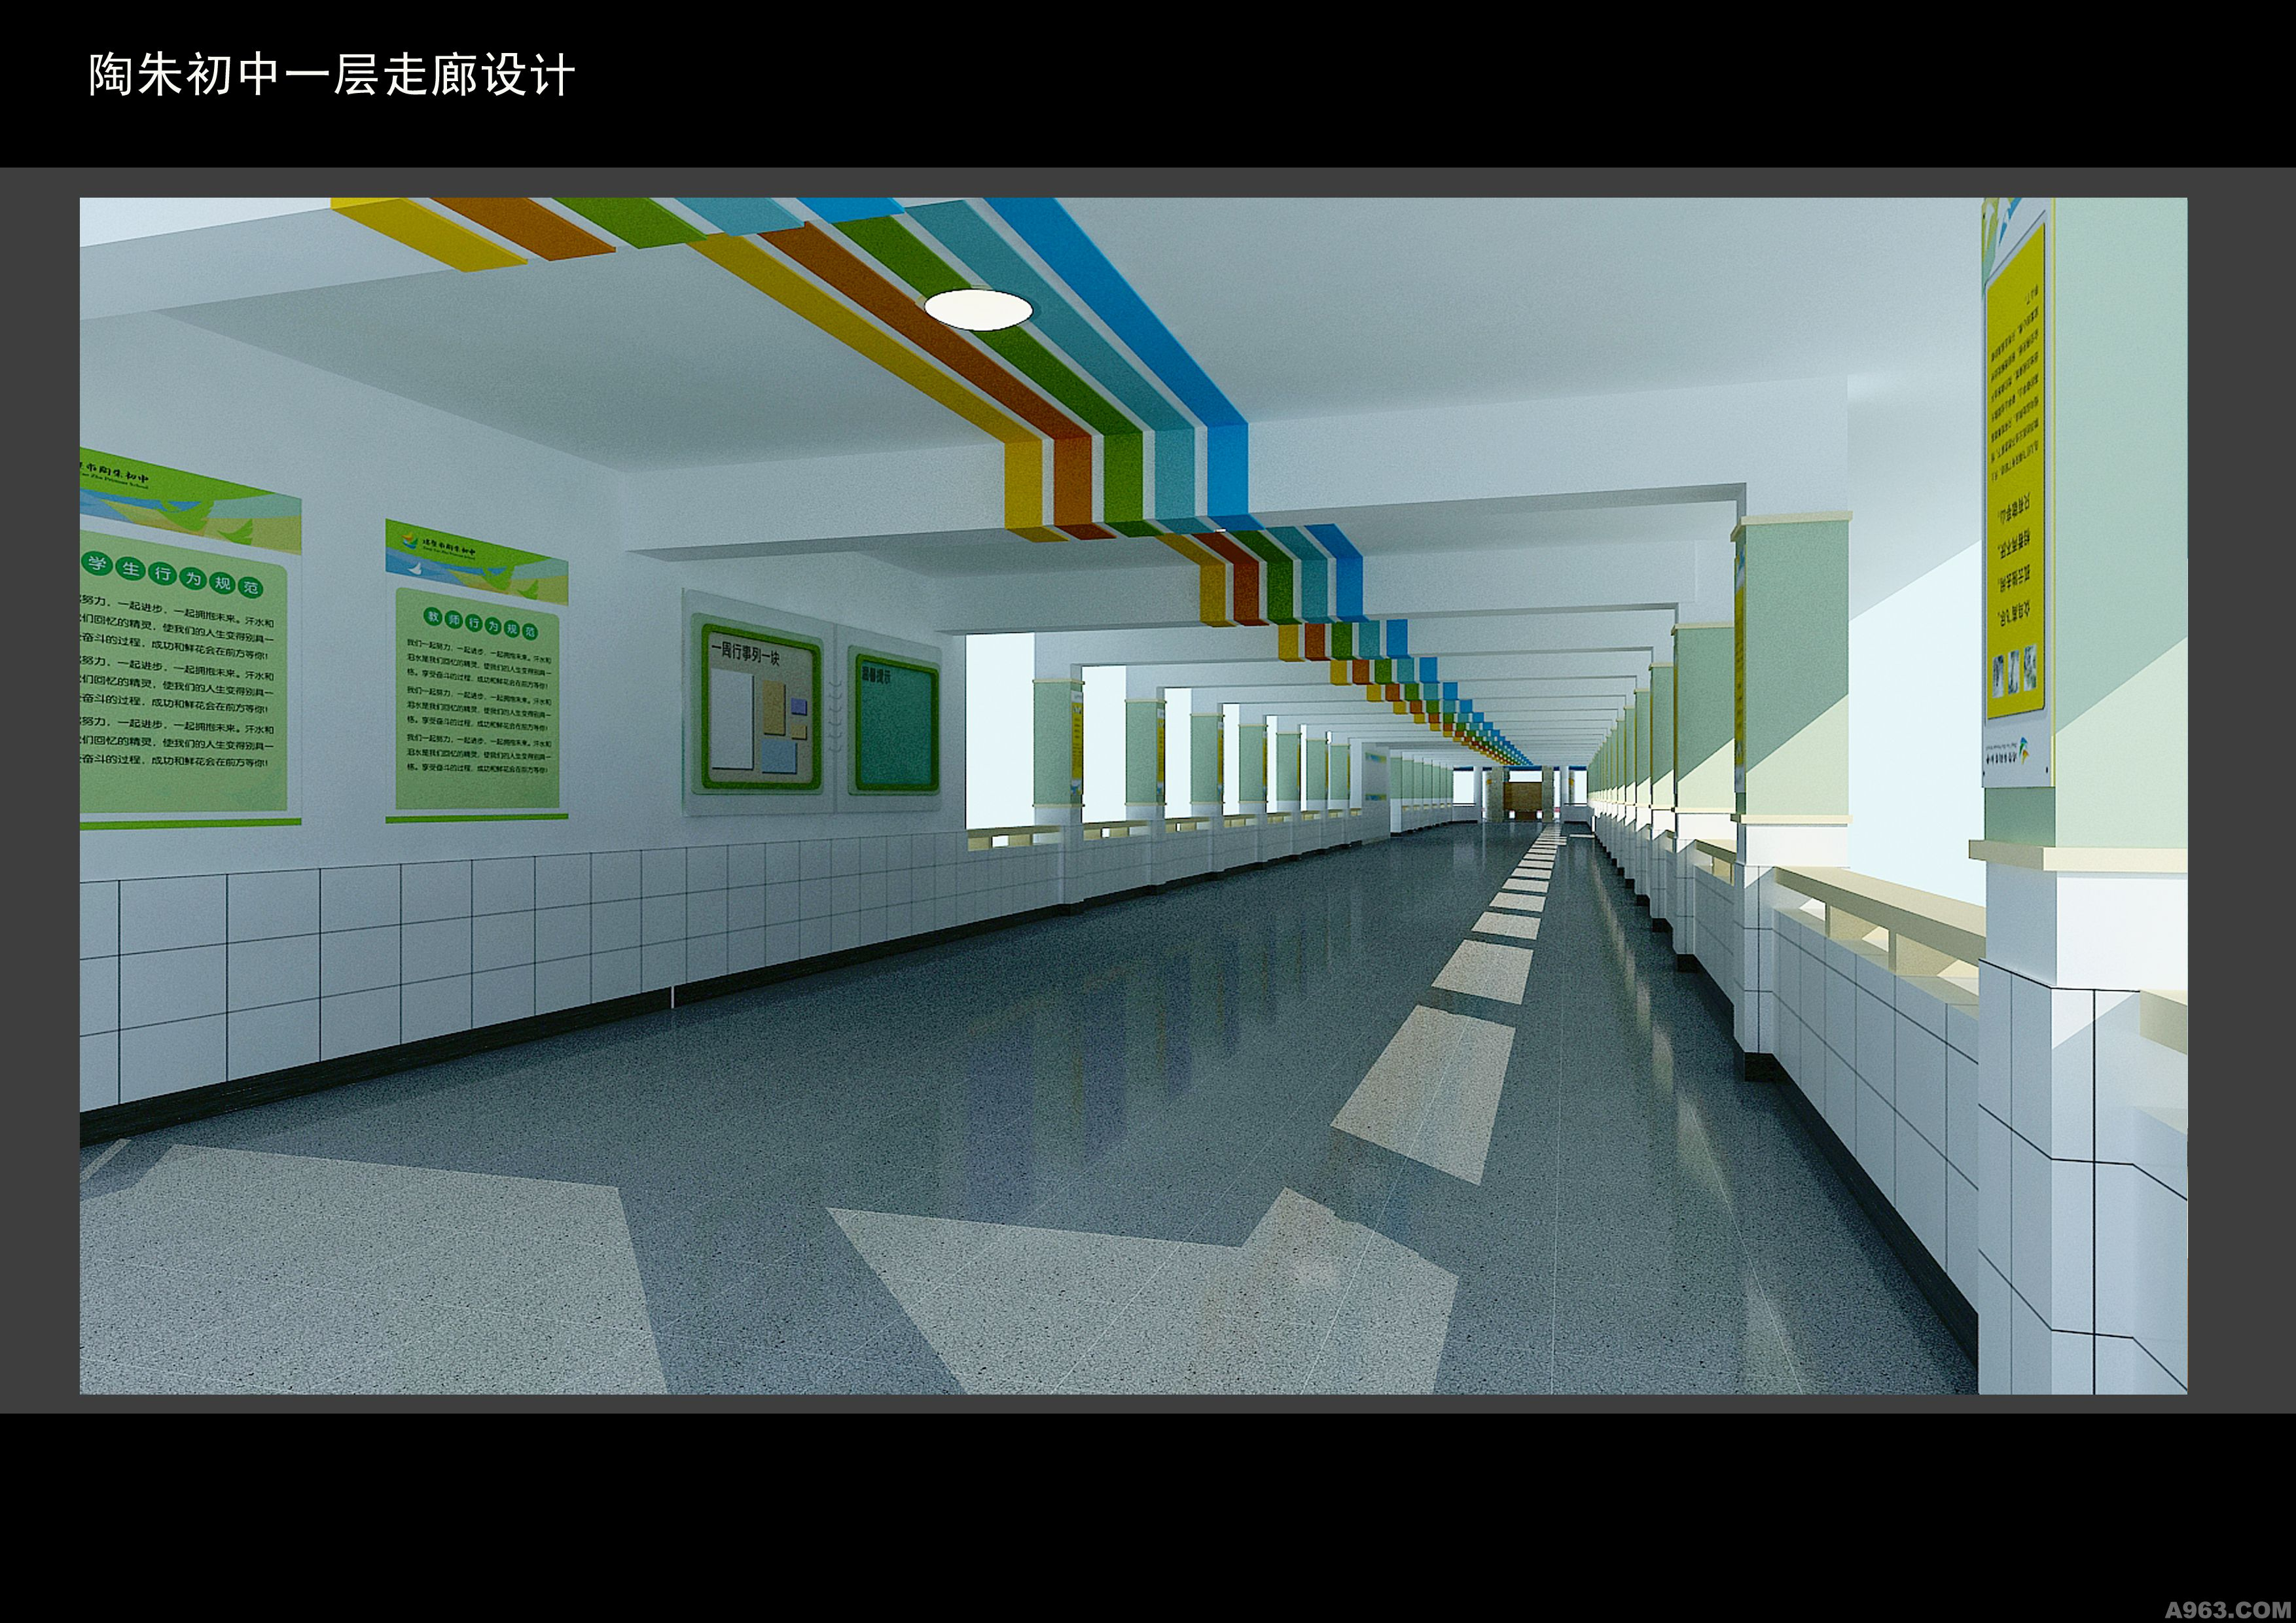 陶朱初中 - 文化空间 - 杭州室内设计网_杭州室内设计